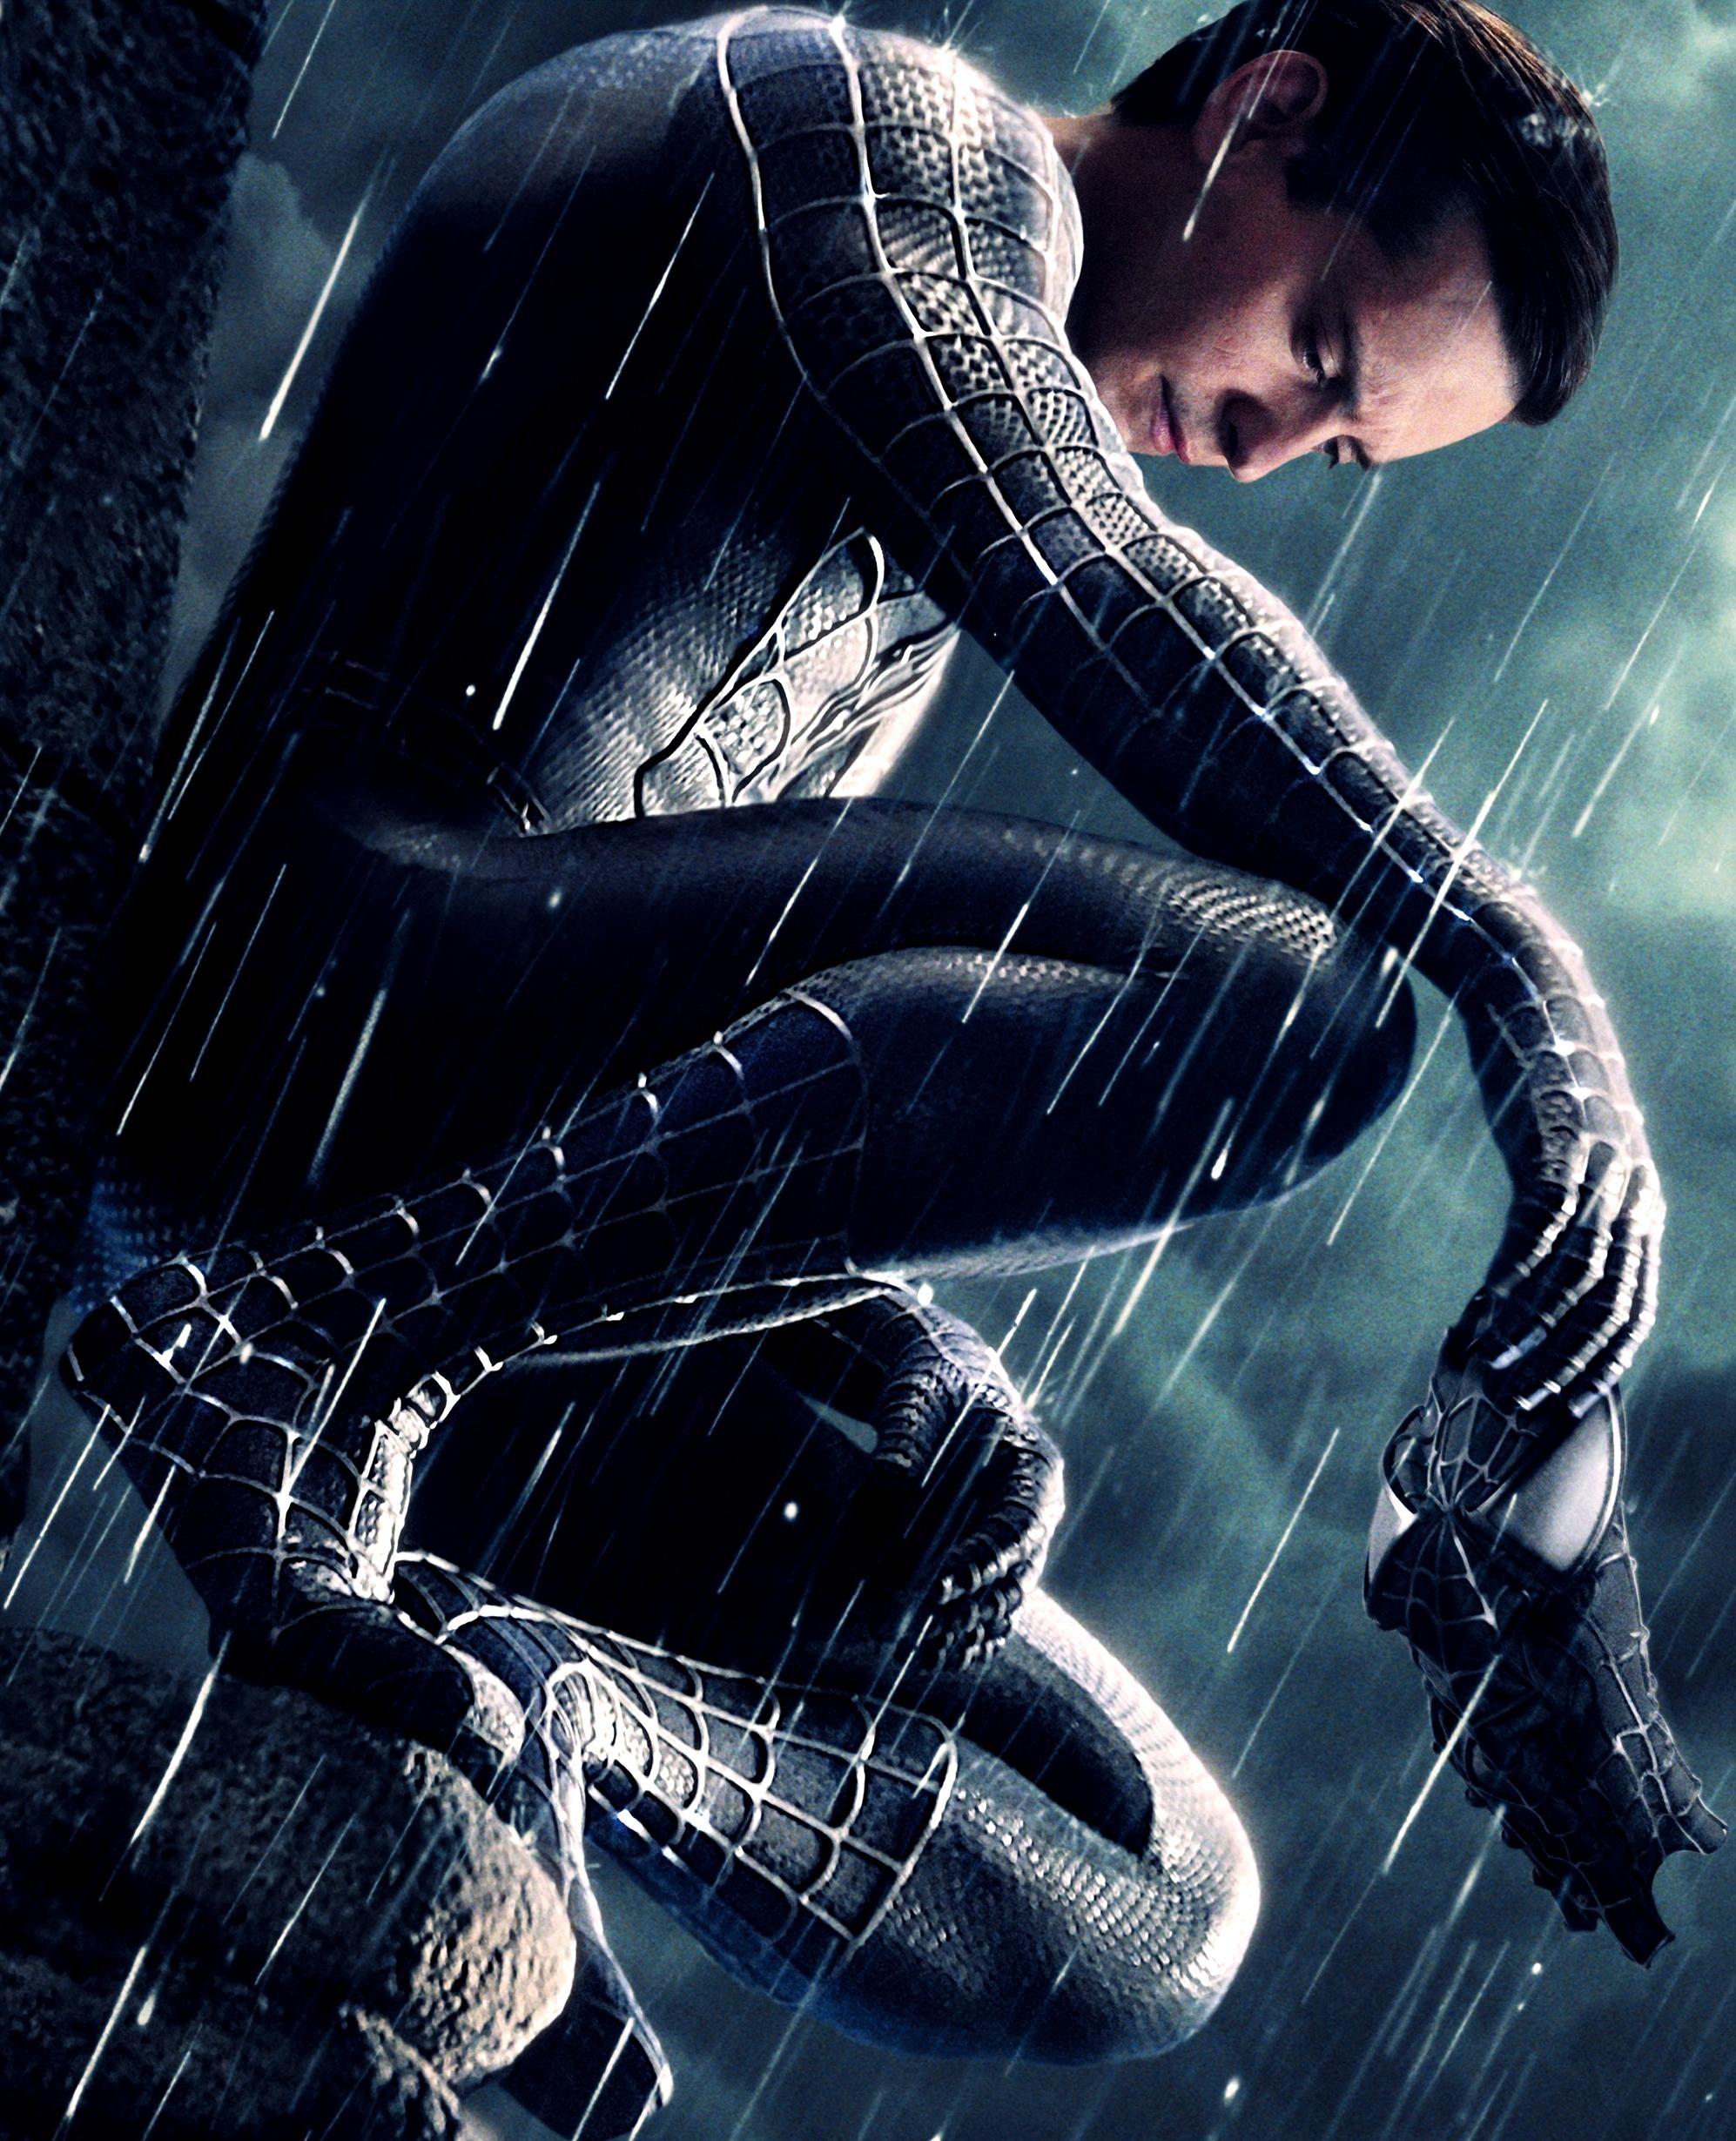 Spiderman 3 Wallpaper - WallpaperSafari